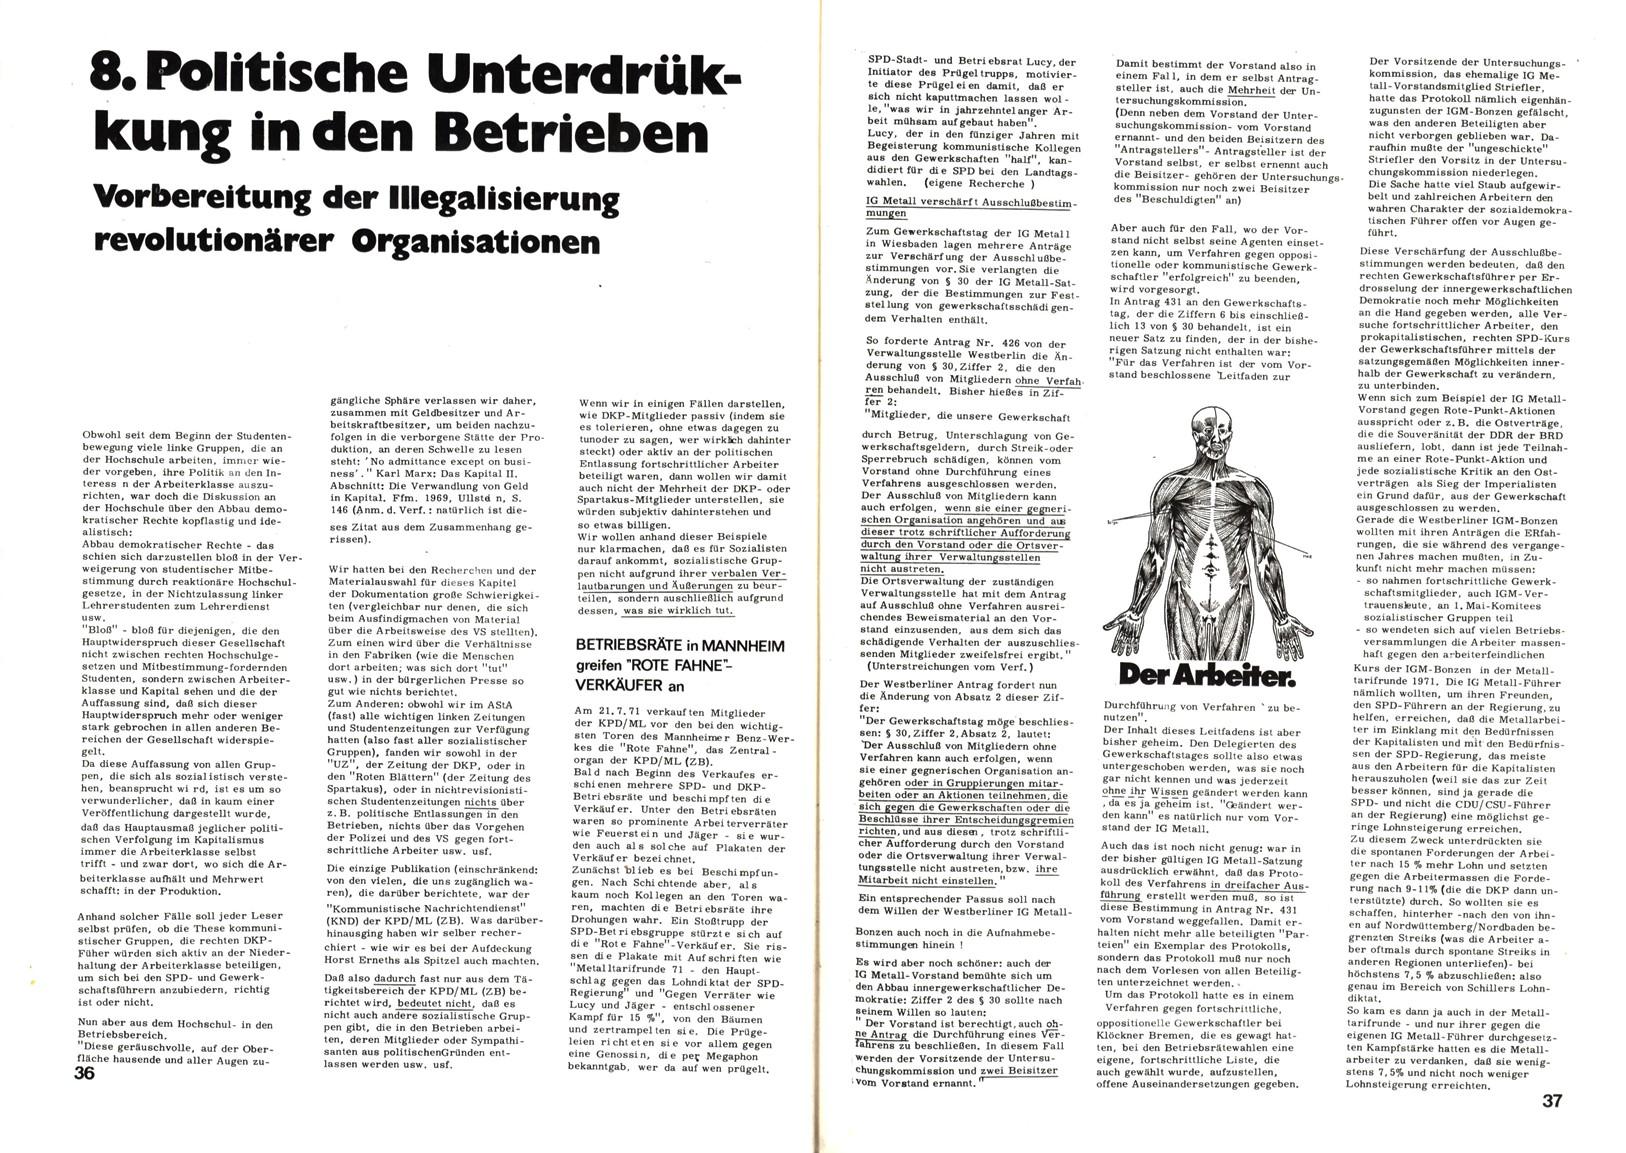 Mainz_VDS_AStA_1972_Staatsfeind_20